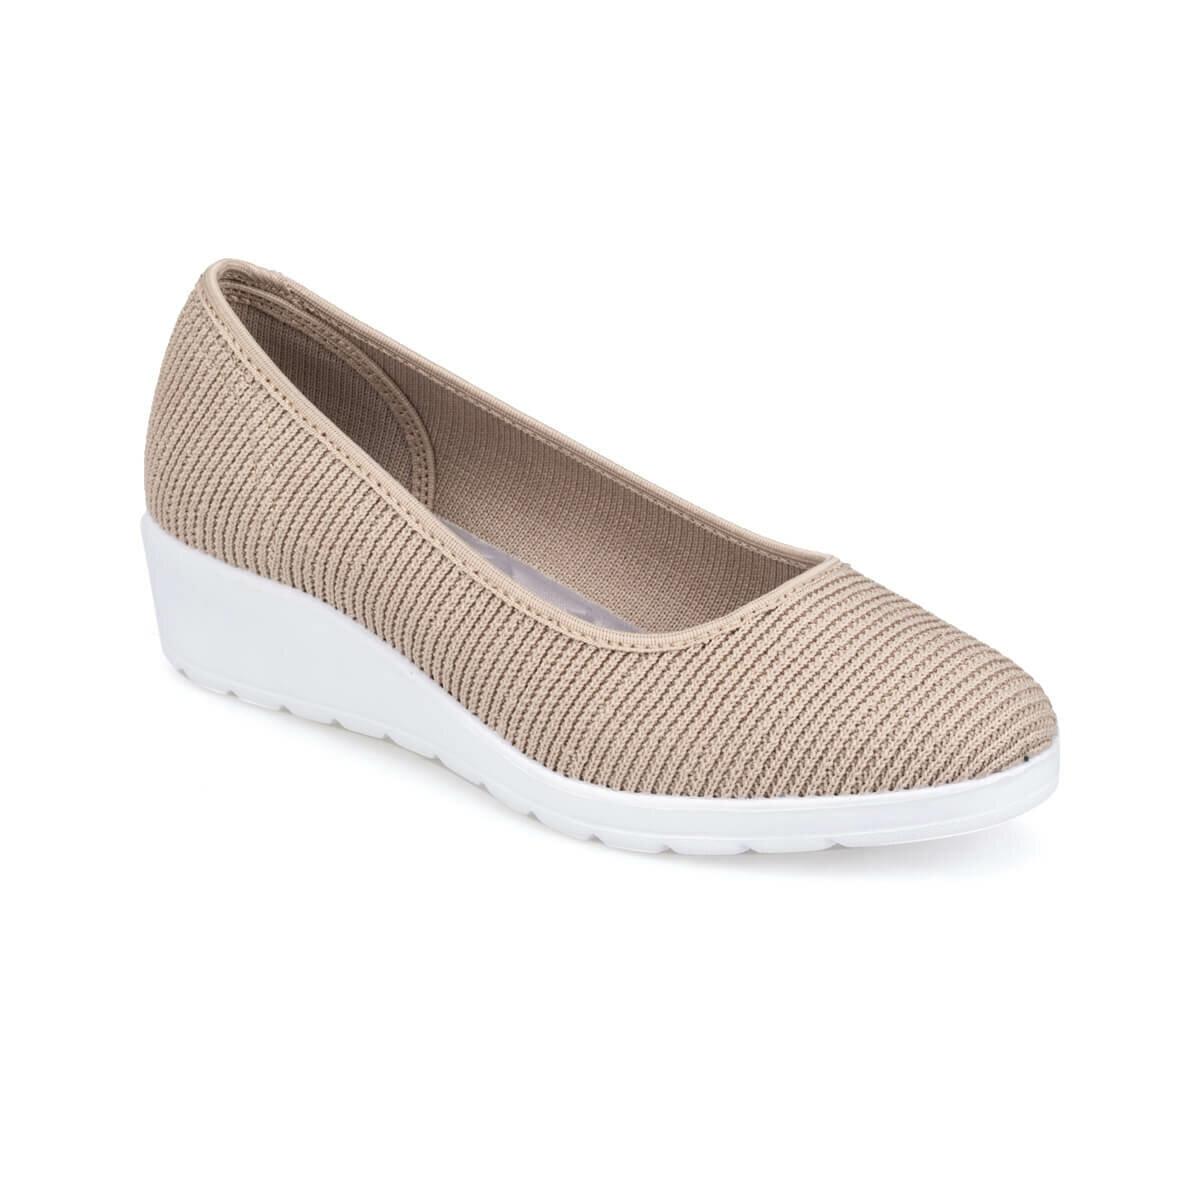 FLO 91.150716.Z Mink Women 'S Shoes Polaris